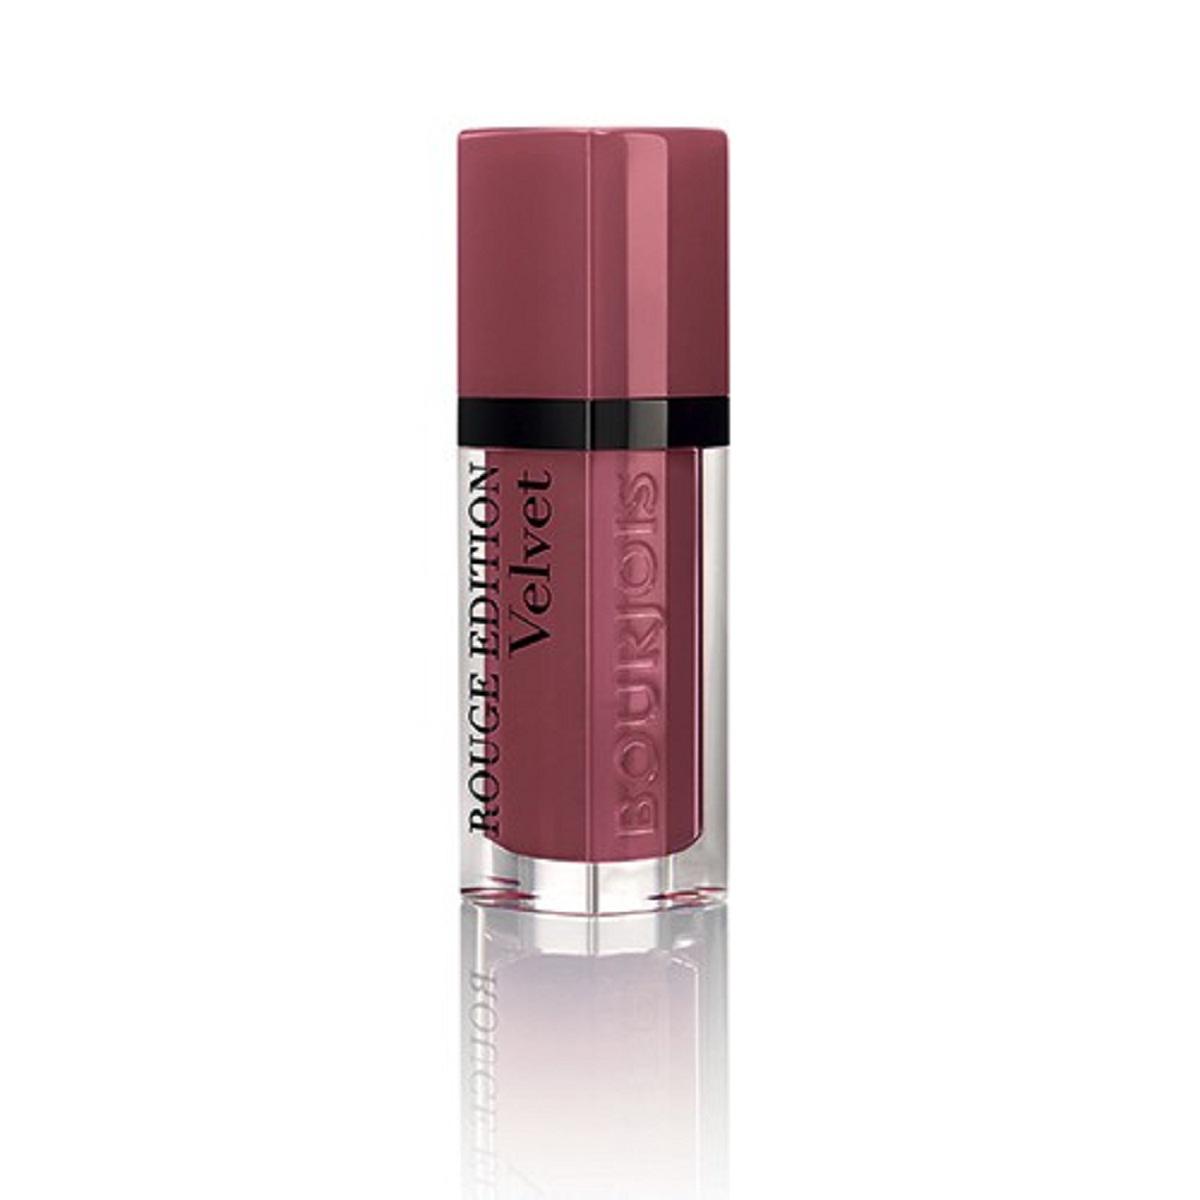 Bourjois Rouge Edition Velvet Бархатный флюид для губ тон 07 6,7 мл29101273007Бархатная воздушная текстура не ощущается на губах Матовая текстура долго держится на губах и имеет насыщенный цвет благодаря чистому пигменту